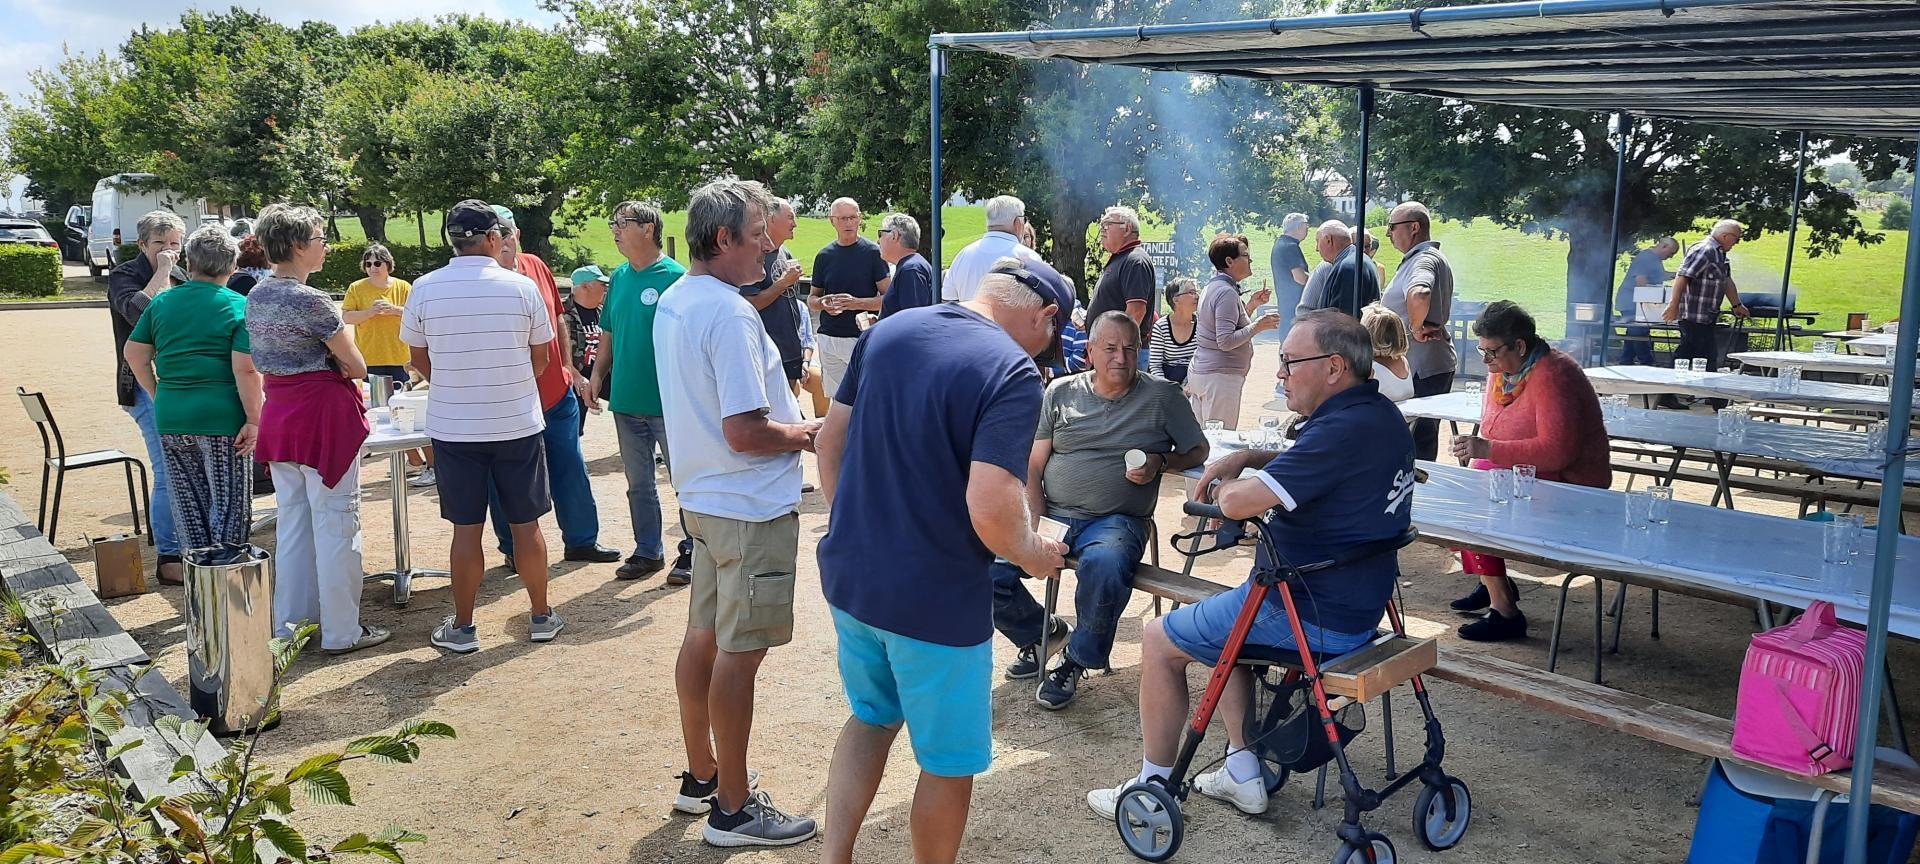 Barbecue 10 08 21